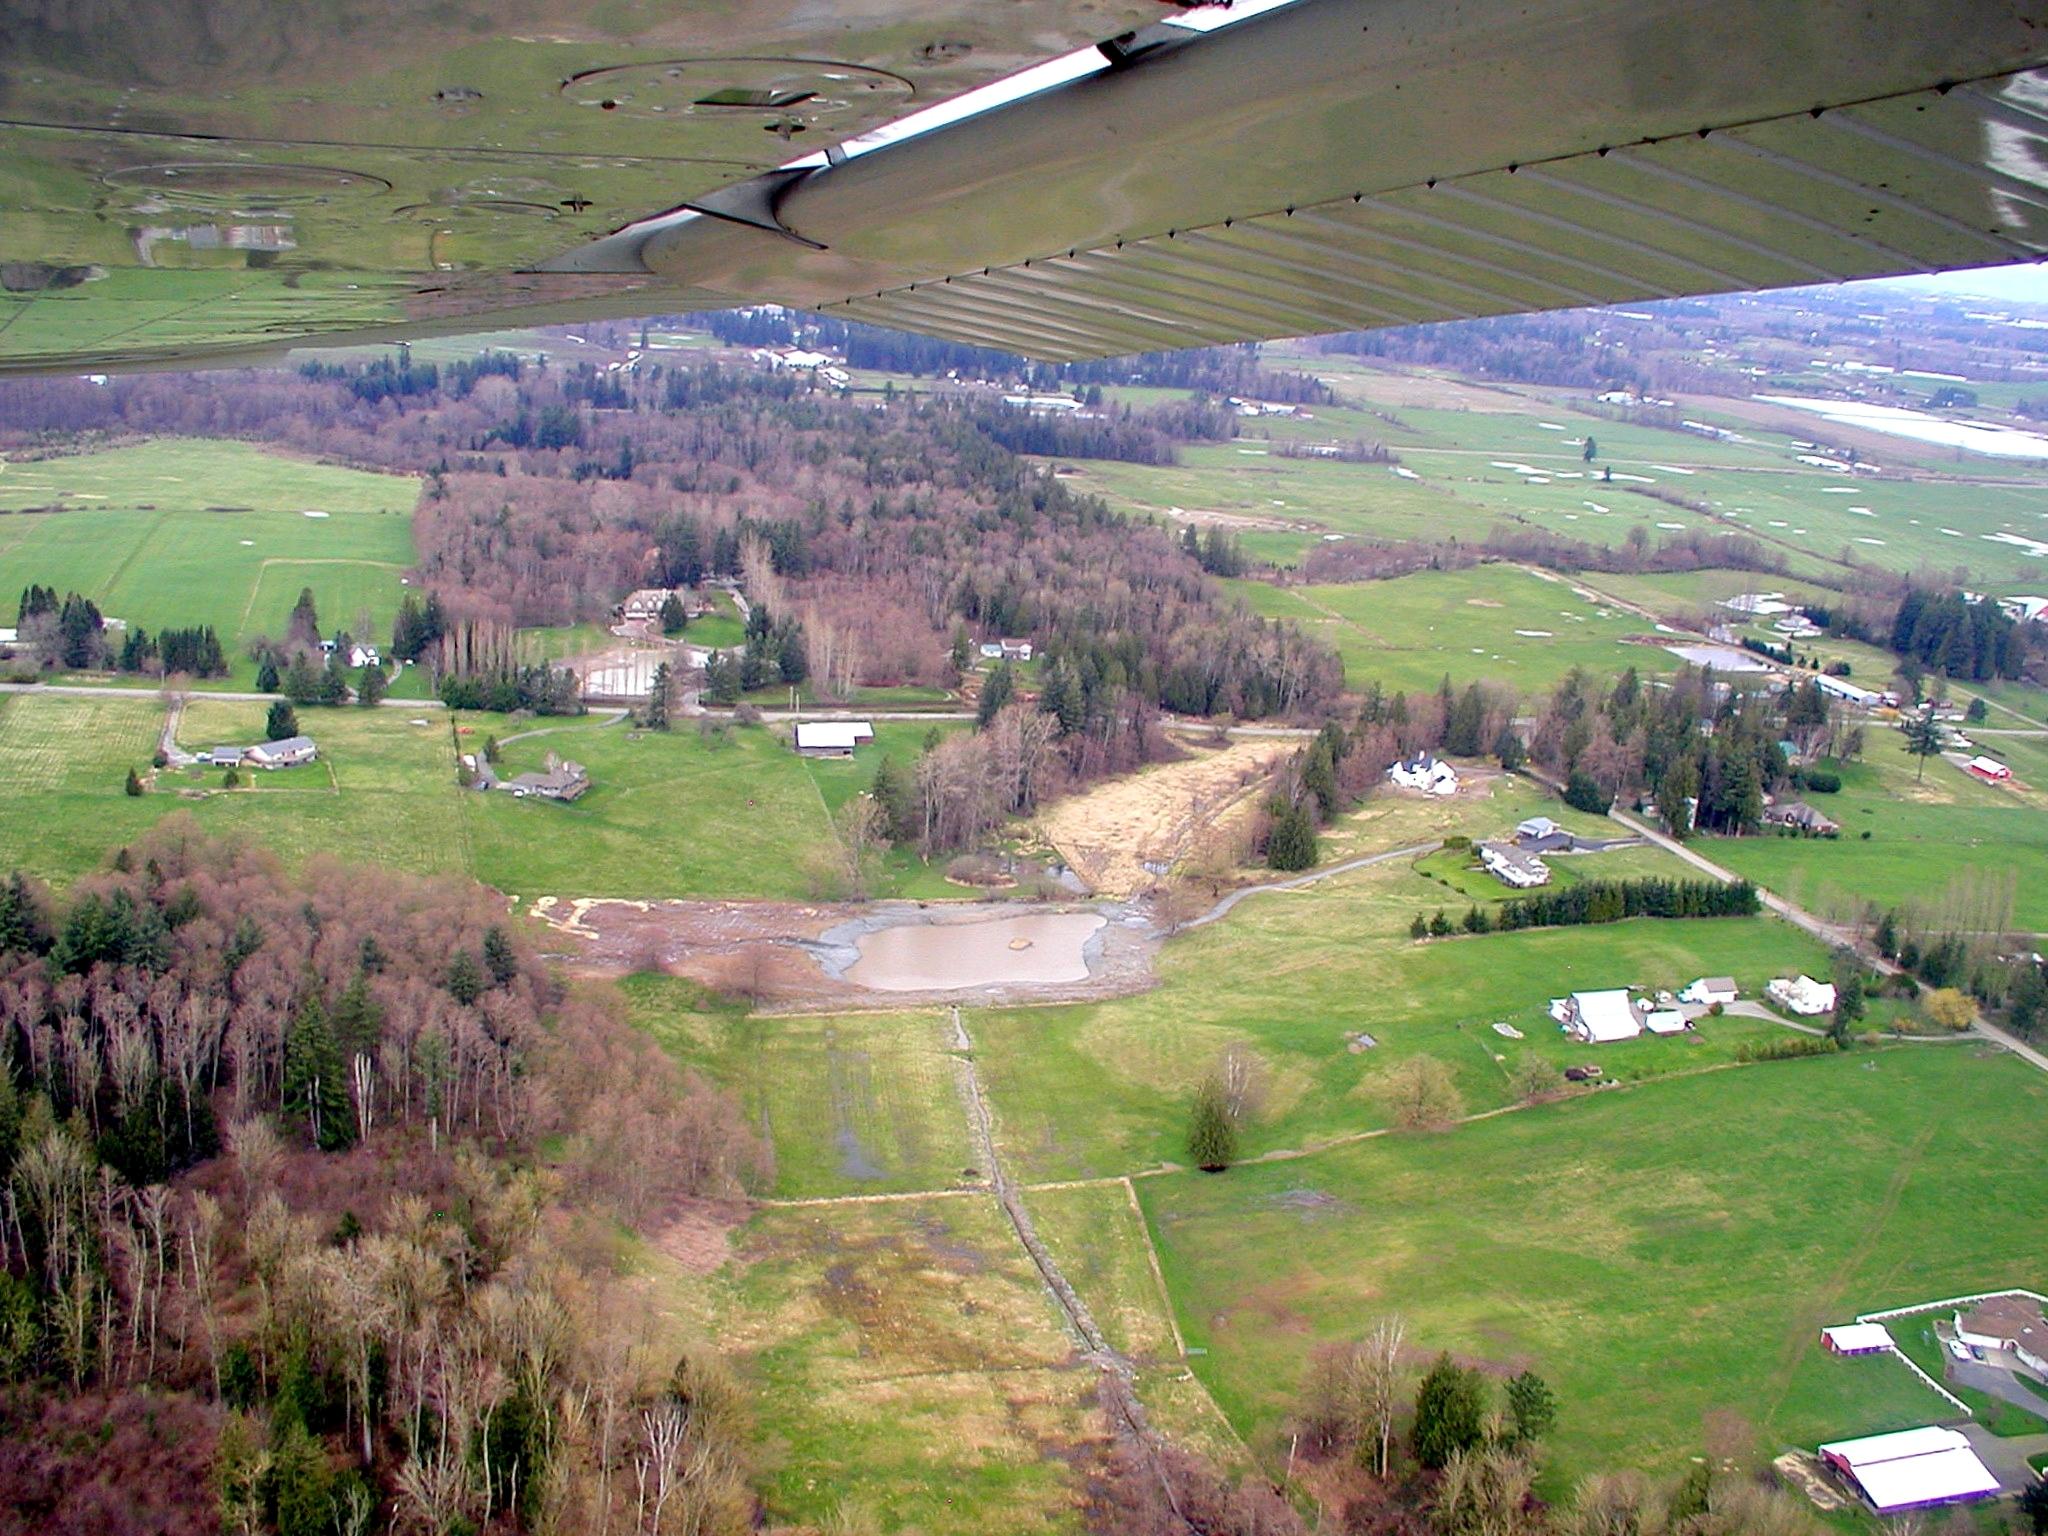 Flood_Aerial_Photos3-07(Oly-1)_067.JPG